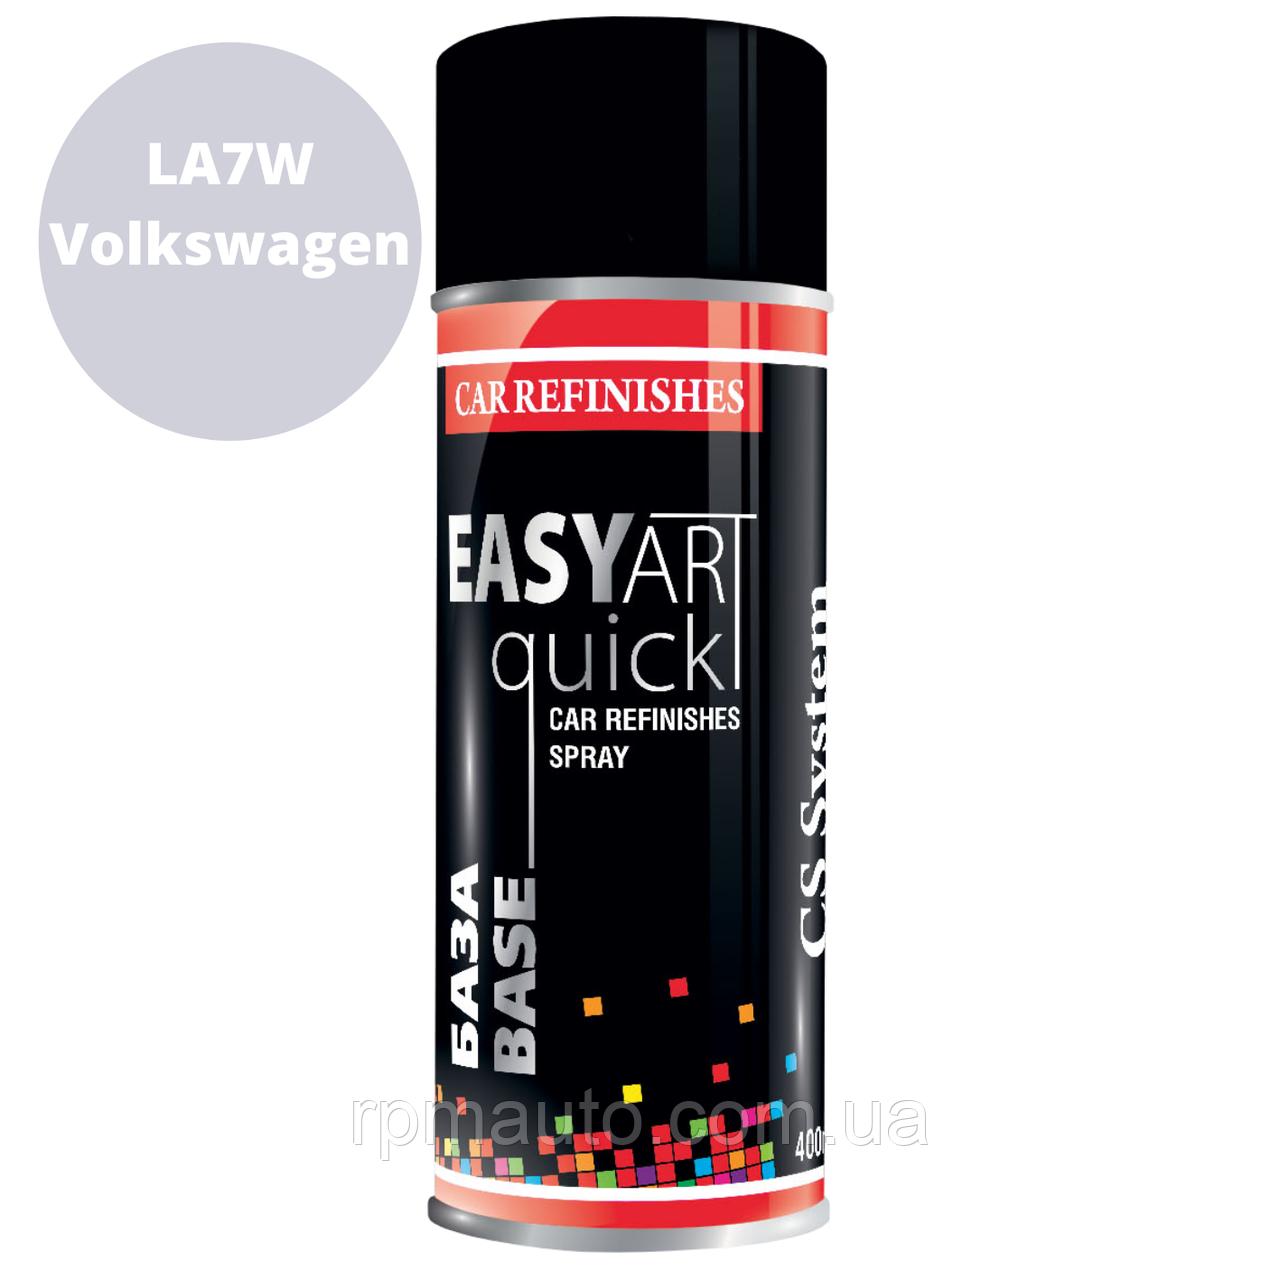 Автомобильная Краска в Баллончиках Серебристый Металлик LA7W Volkswagen CSS EASY ART Quick BASE  400мл